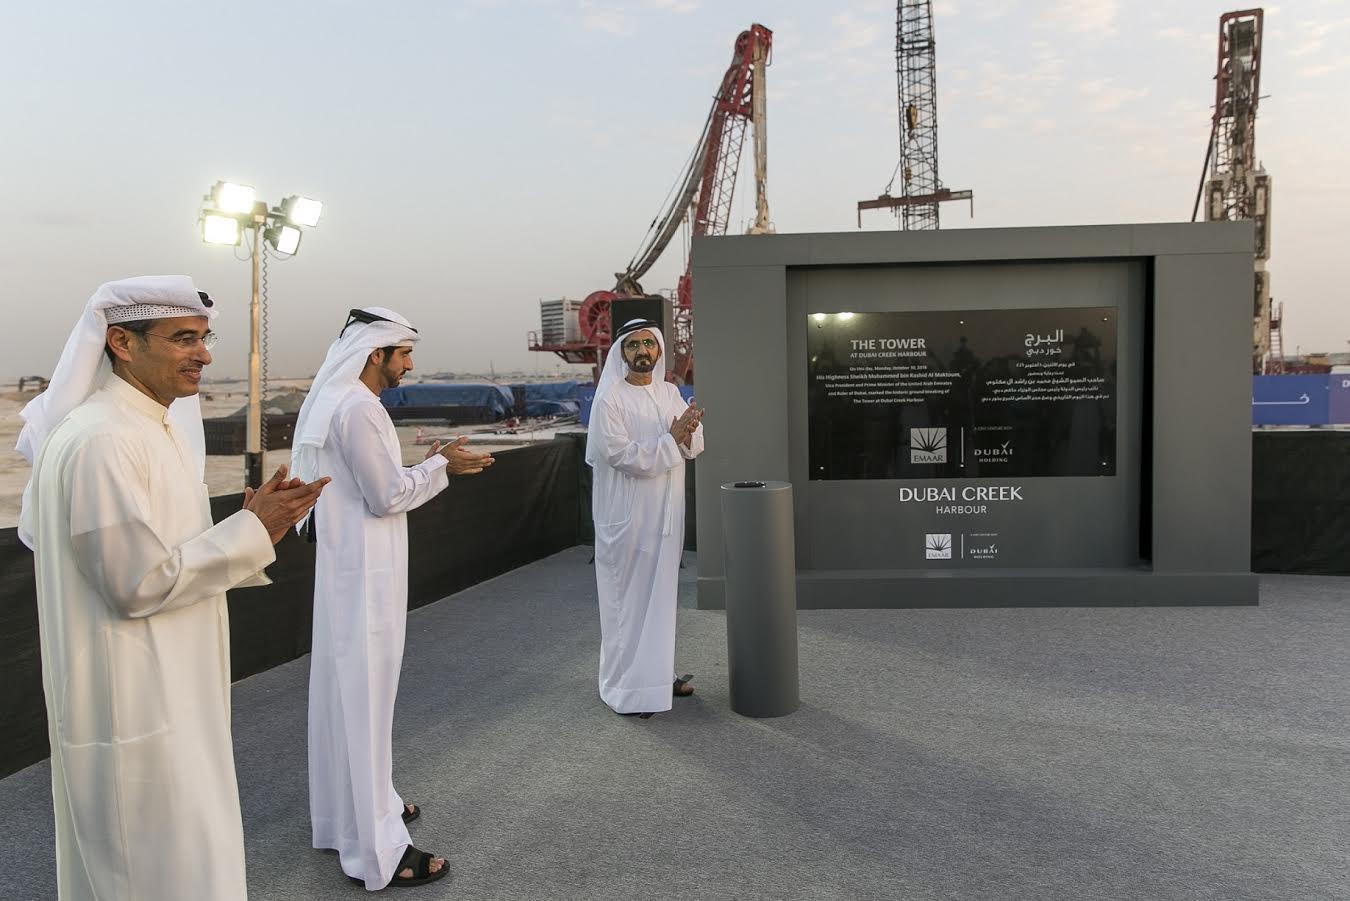 إعمار تضع أساسات مشروع البرج في خور دبي